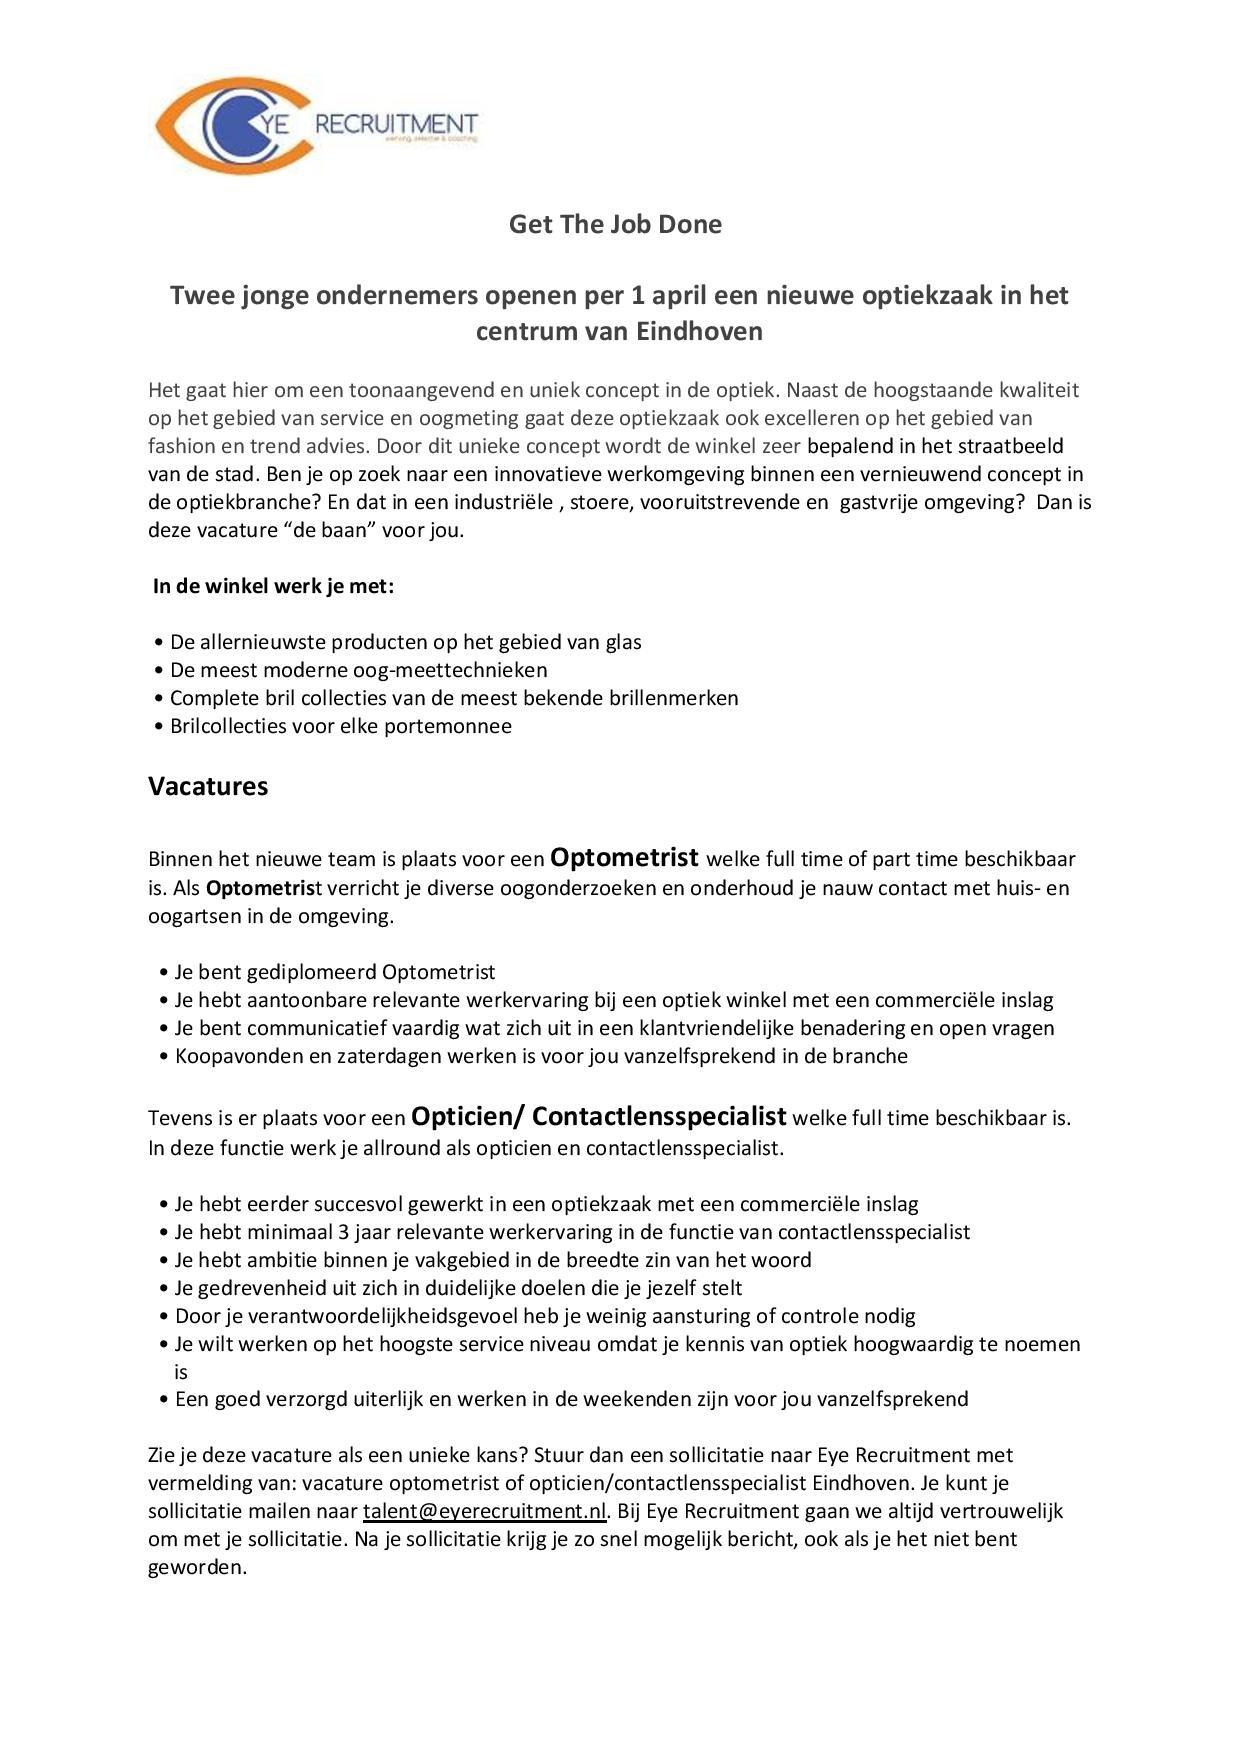 advertentie De Bruin-page-001